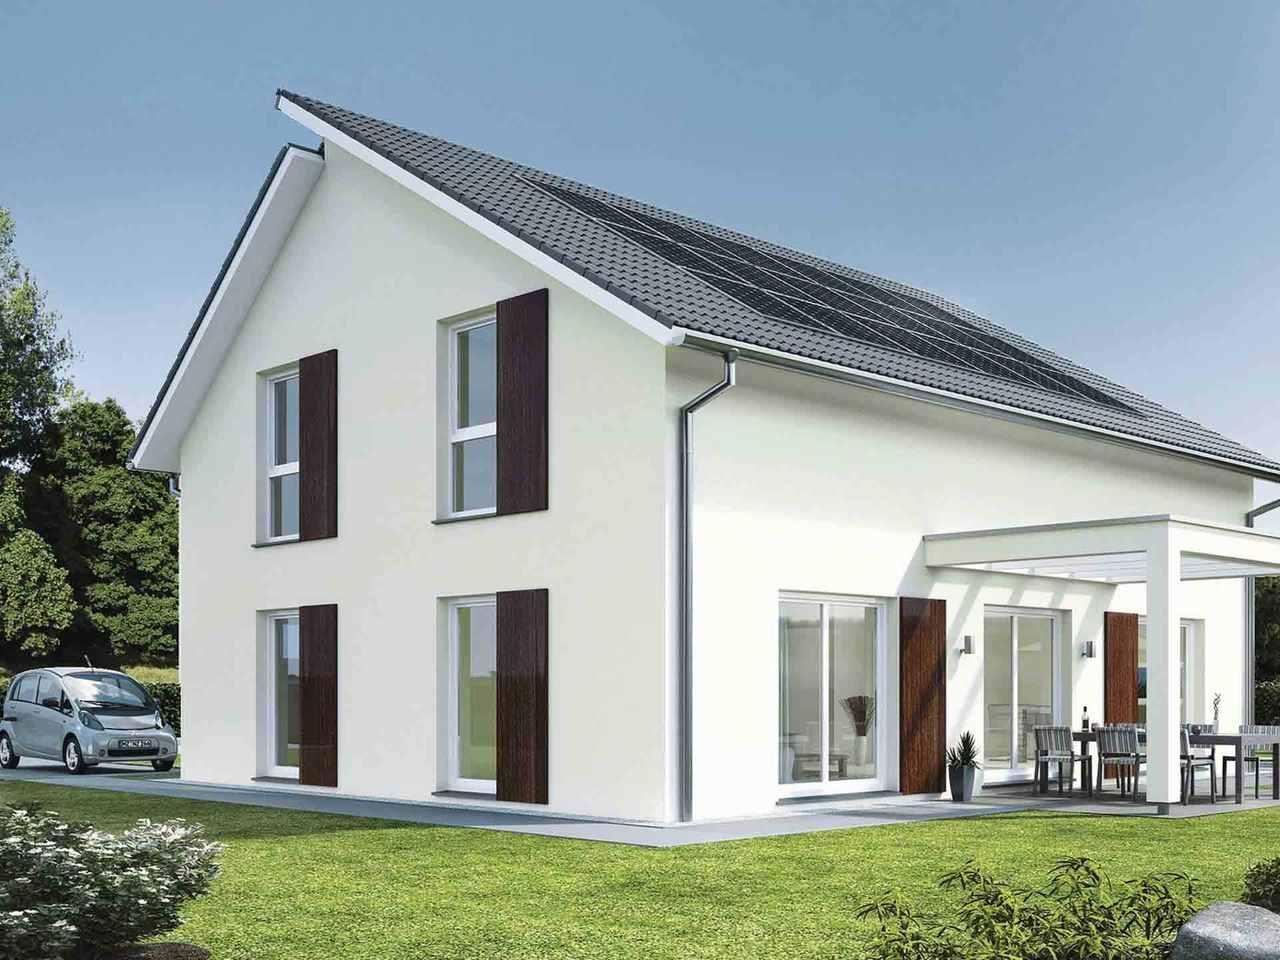 Pultdachhaus generation 5.5 - 300 - WeberHaus Variante 2